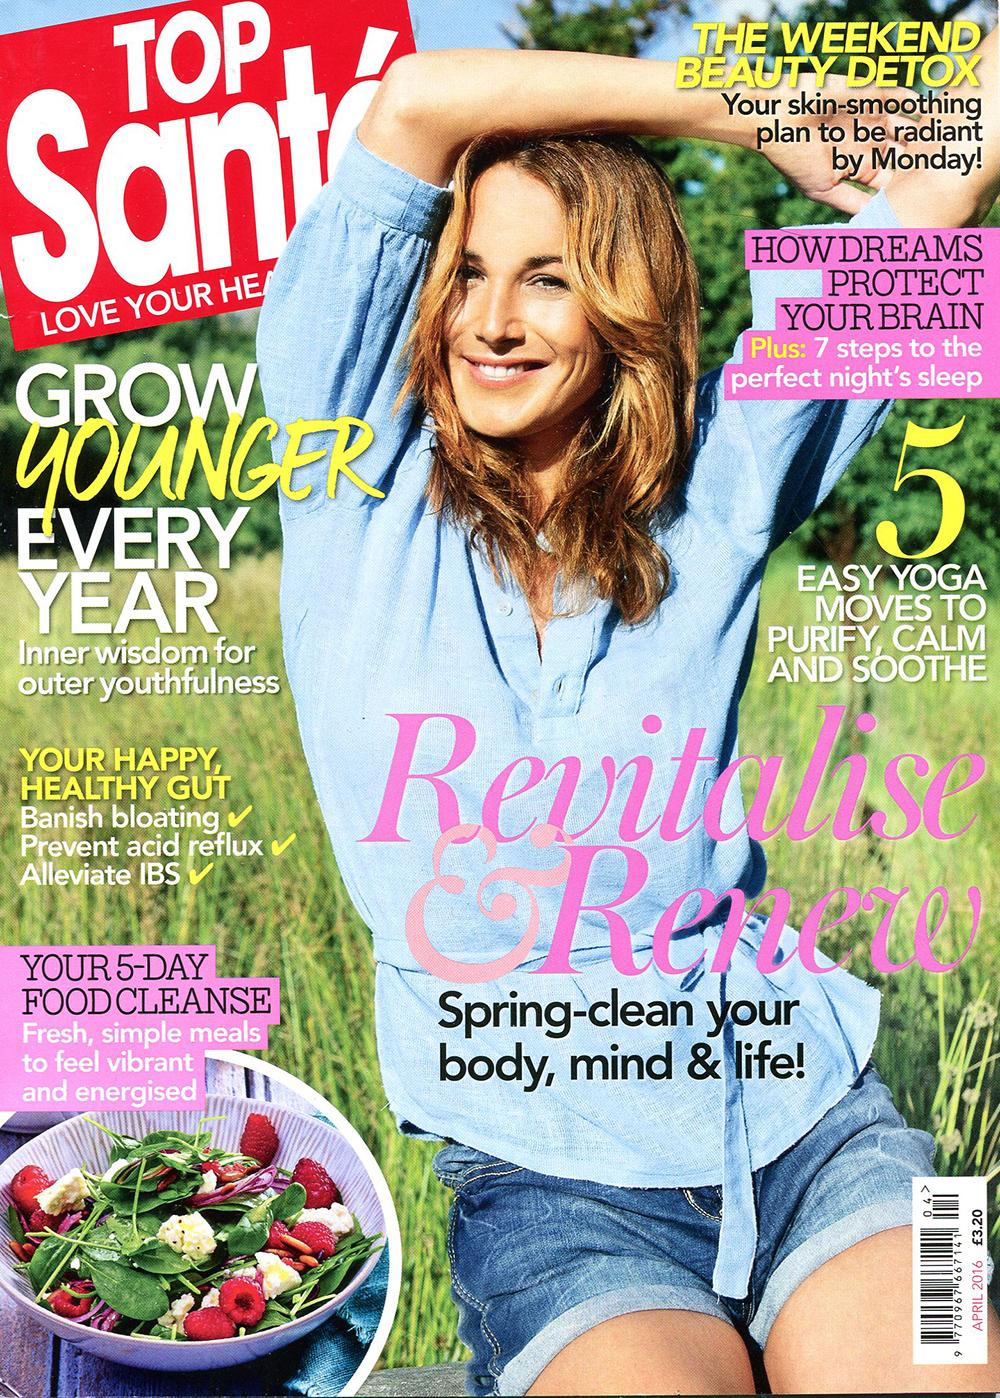 Top Sante Magazine cover featuring Surf Sistas retreats